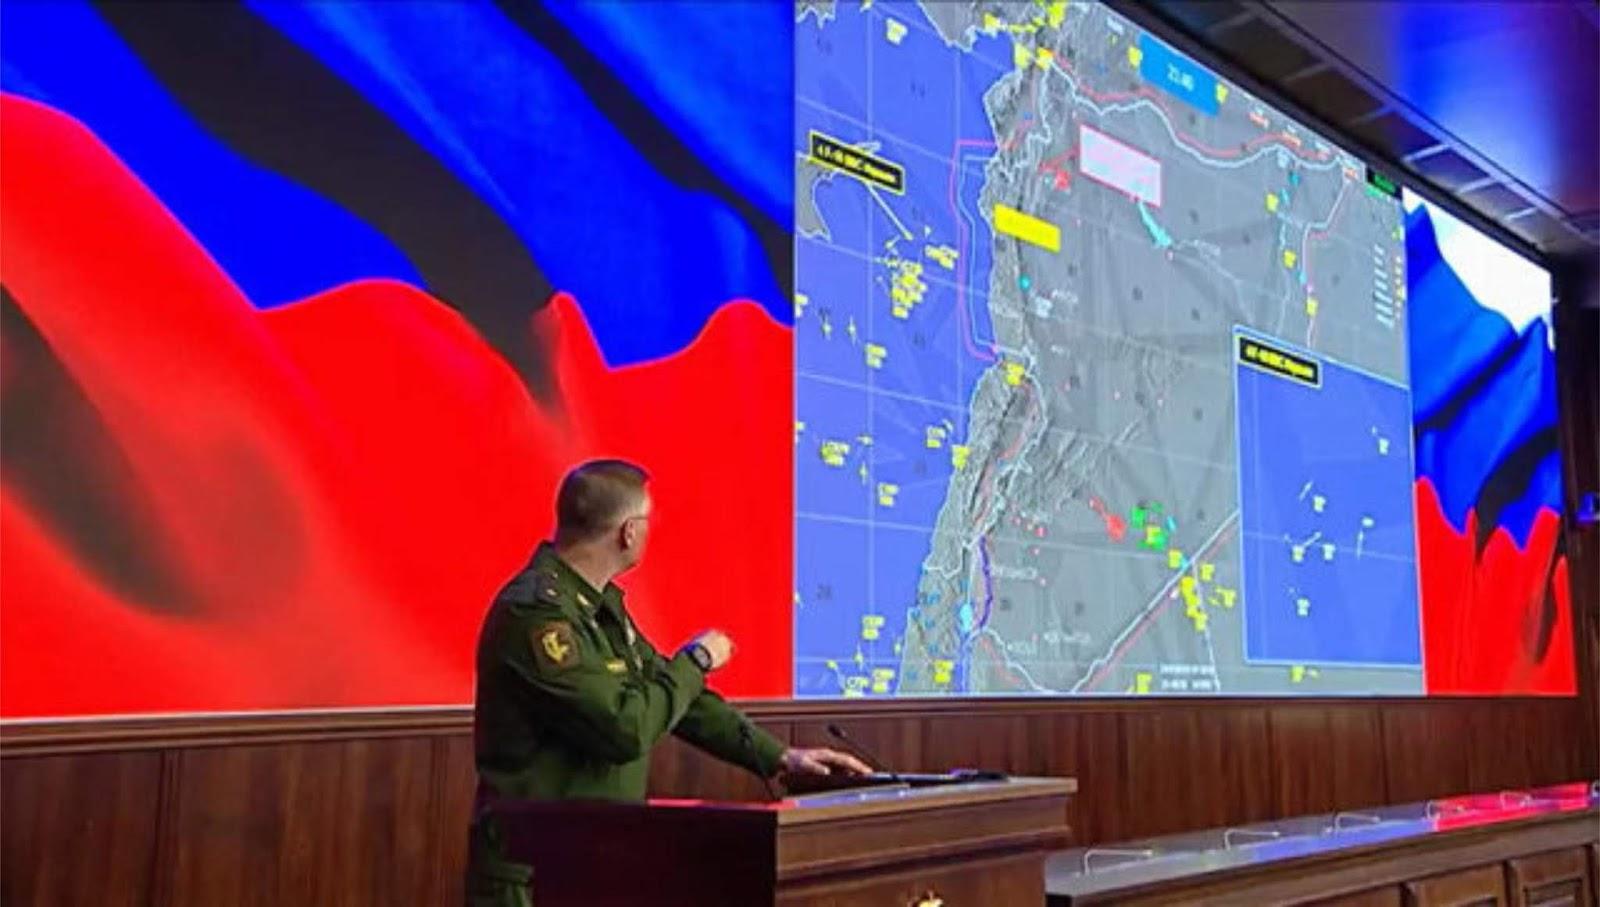 Kementerian Pertahanan Rusia menyajikan kronologi kecelakaan Il-20